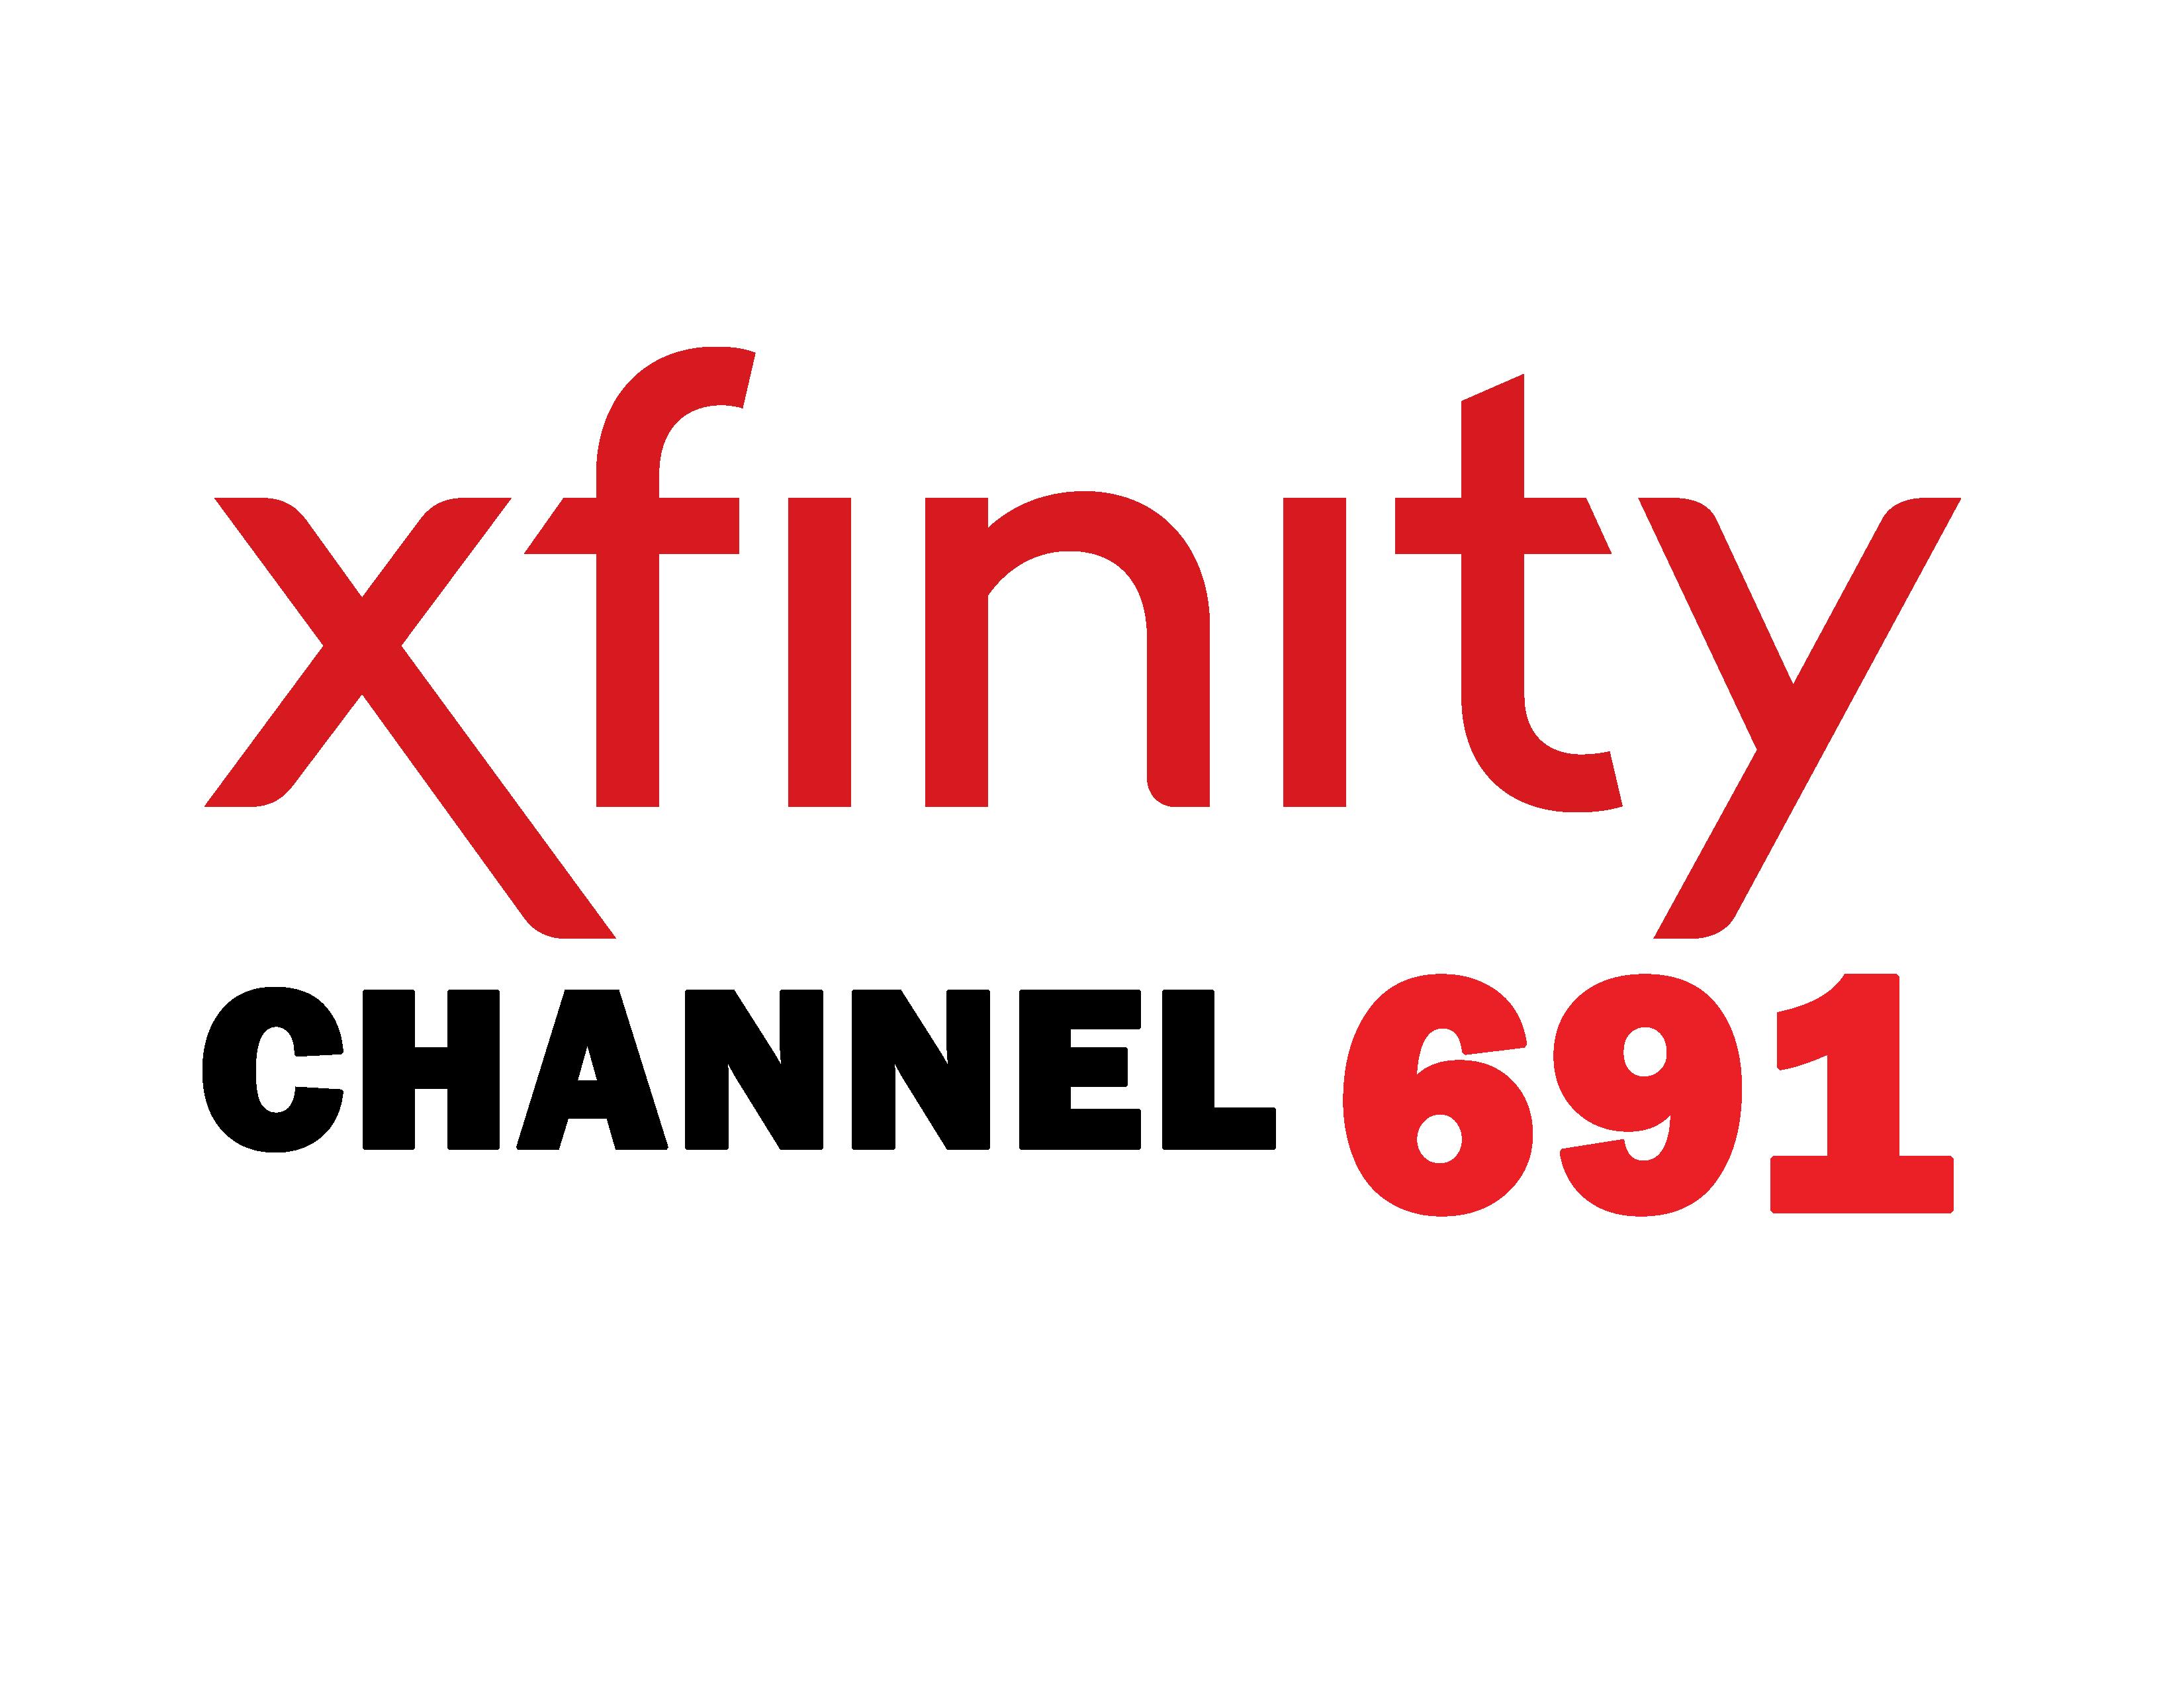 Xfinity Ch. 691